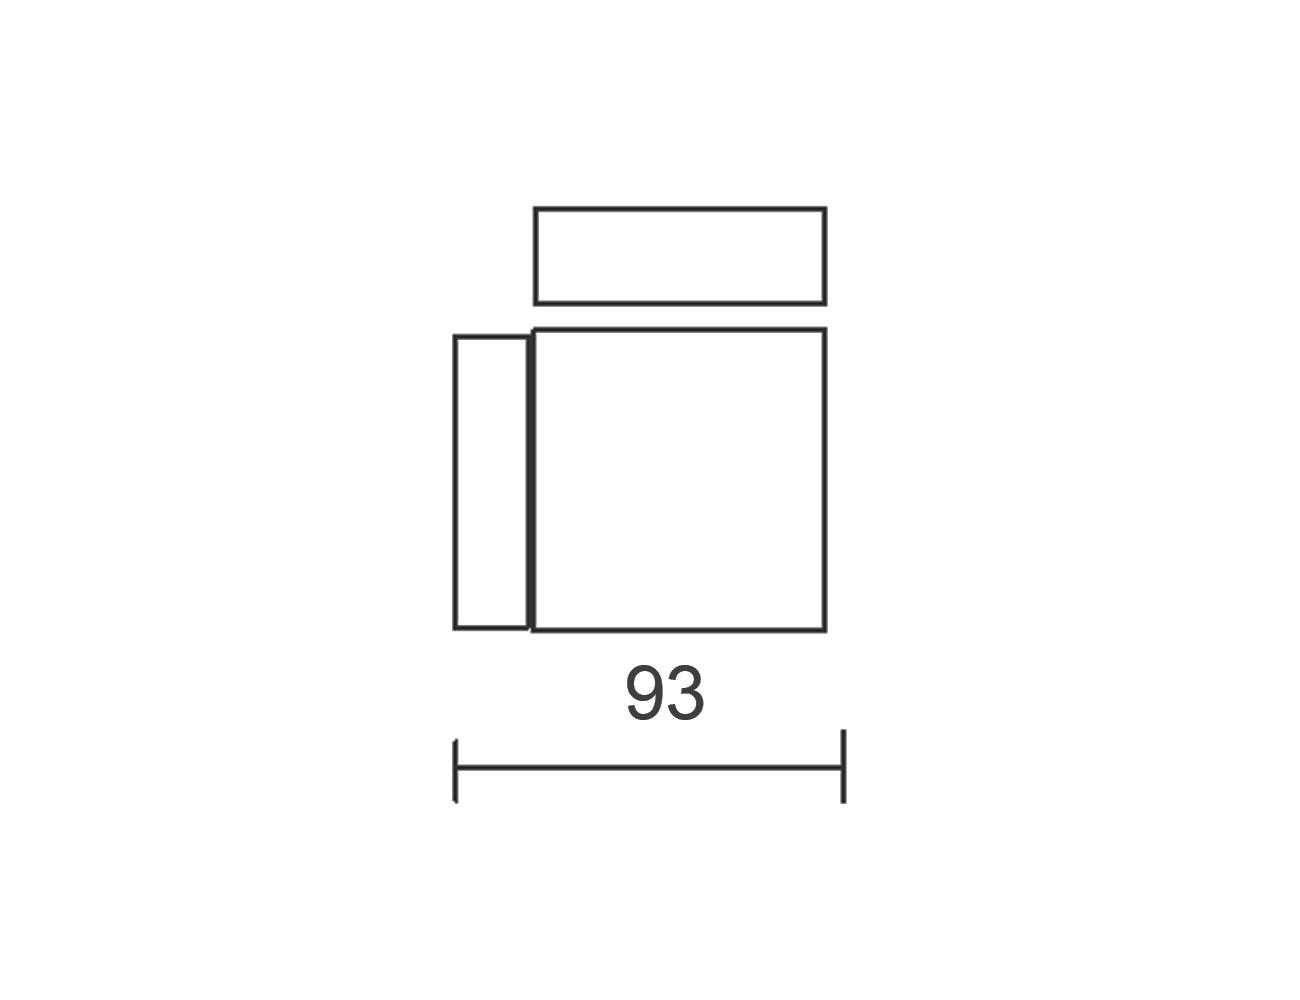 Modulo 93